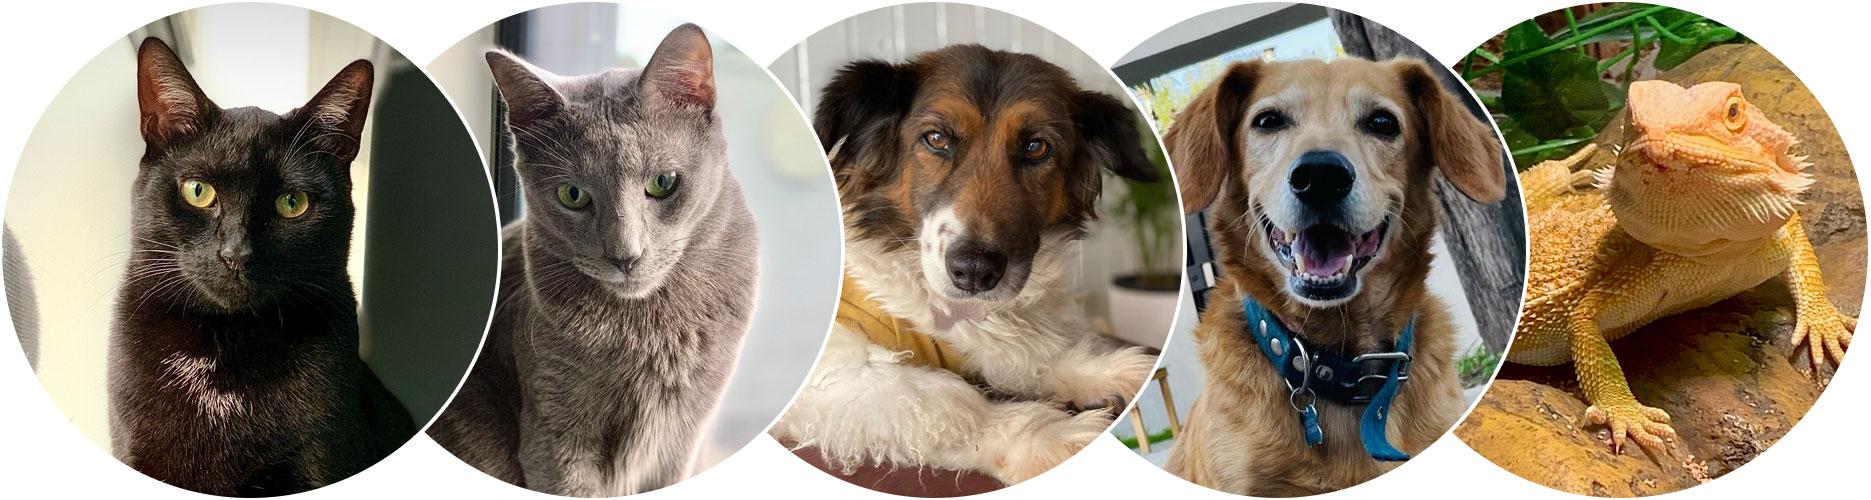 Projekt Group - Our Pets